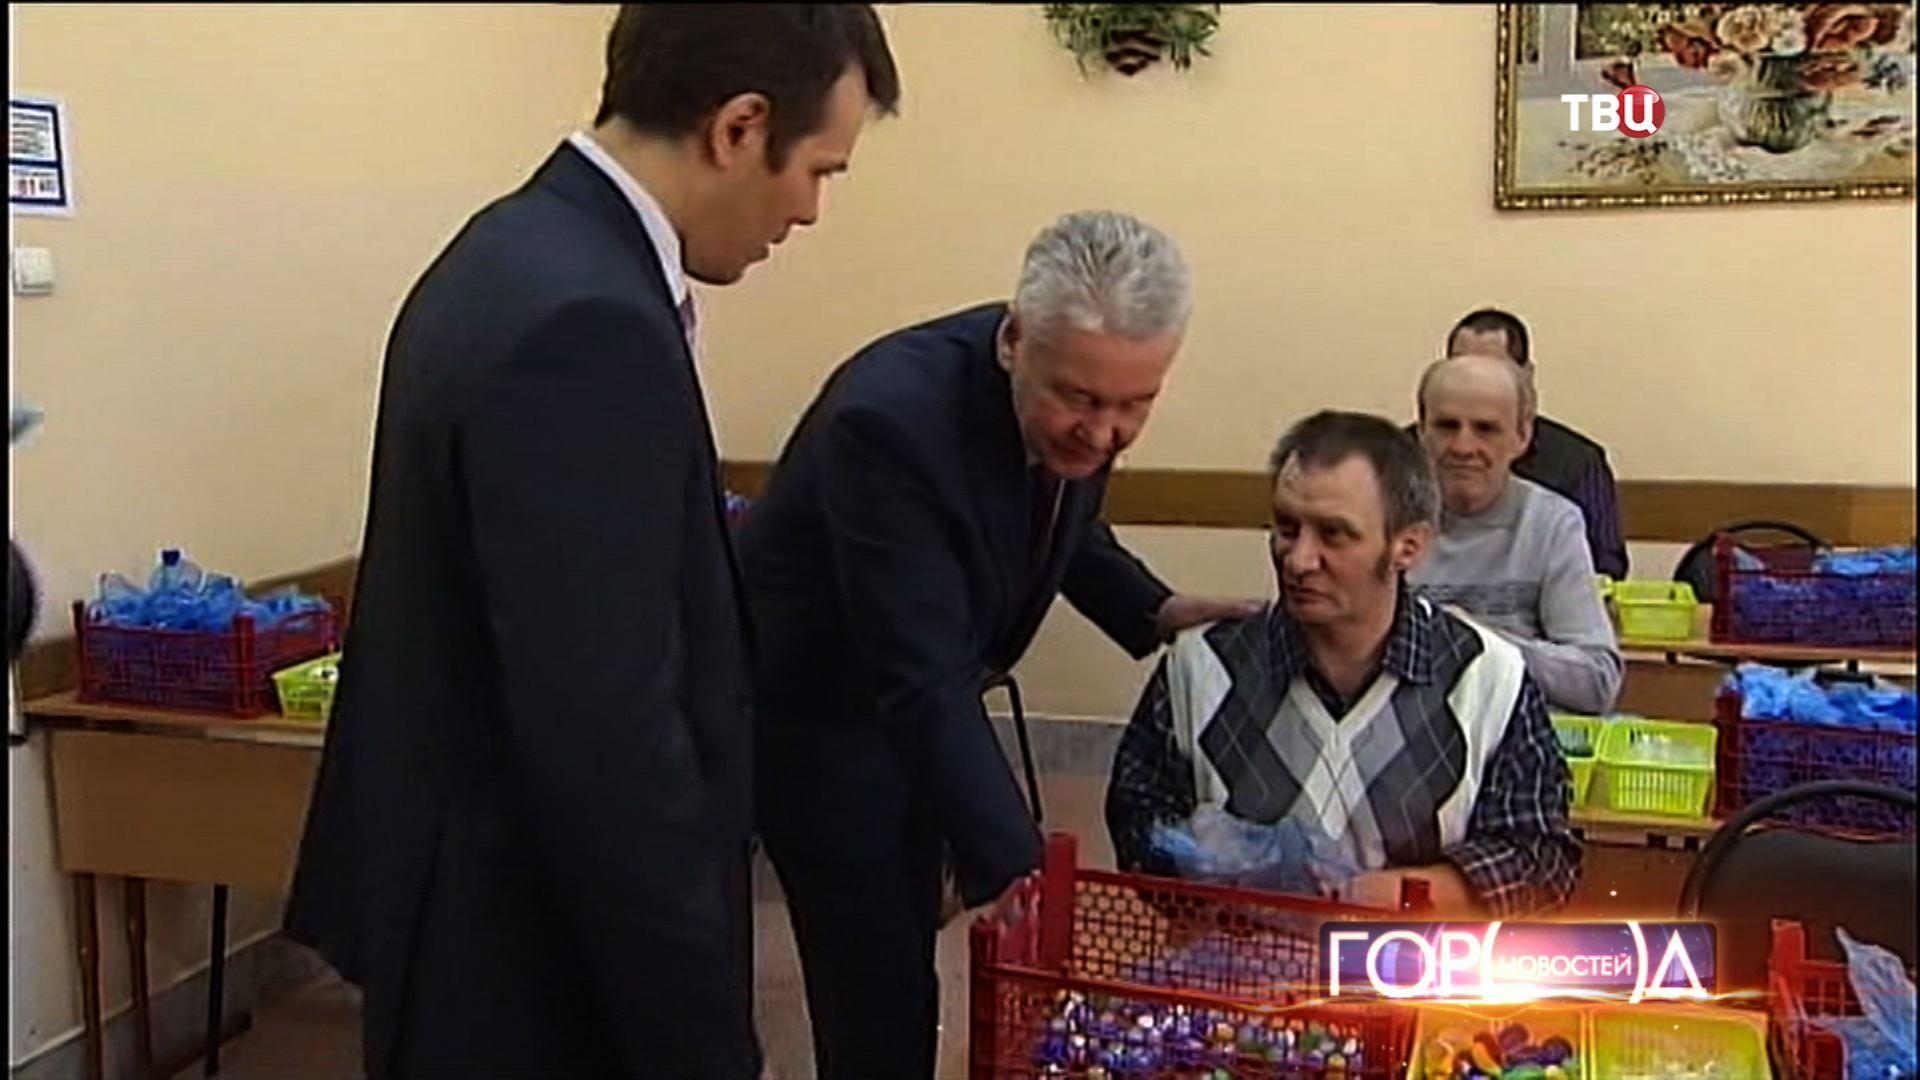 Сергей Собянин посетил пациентов в интернате